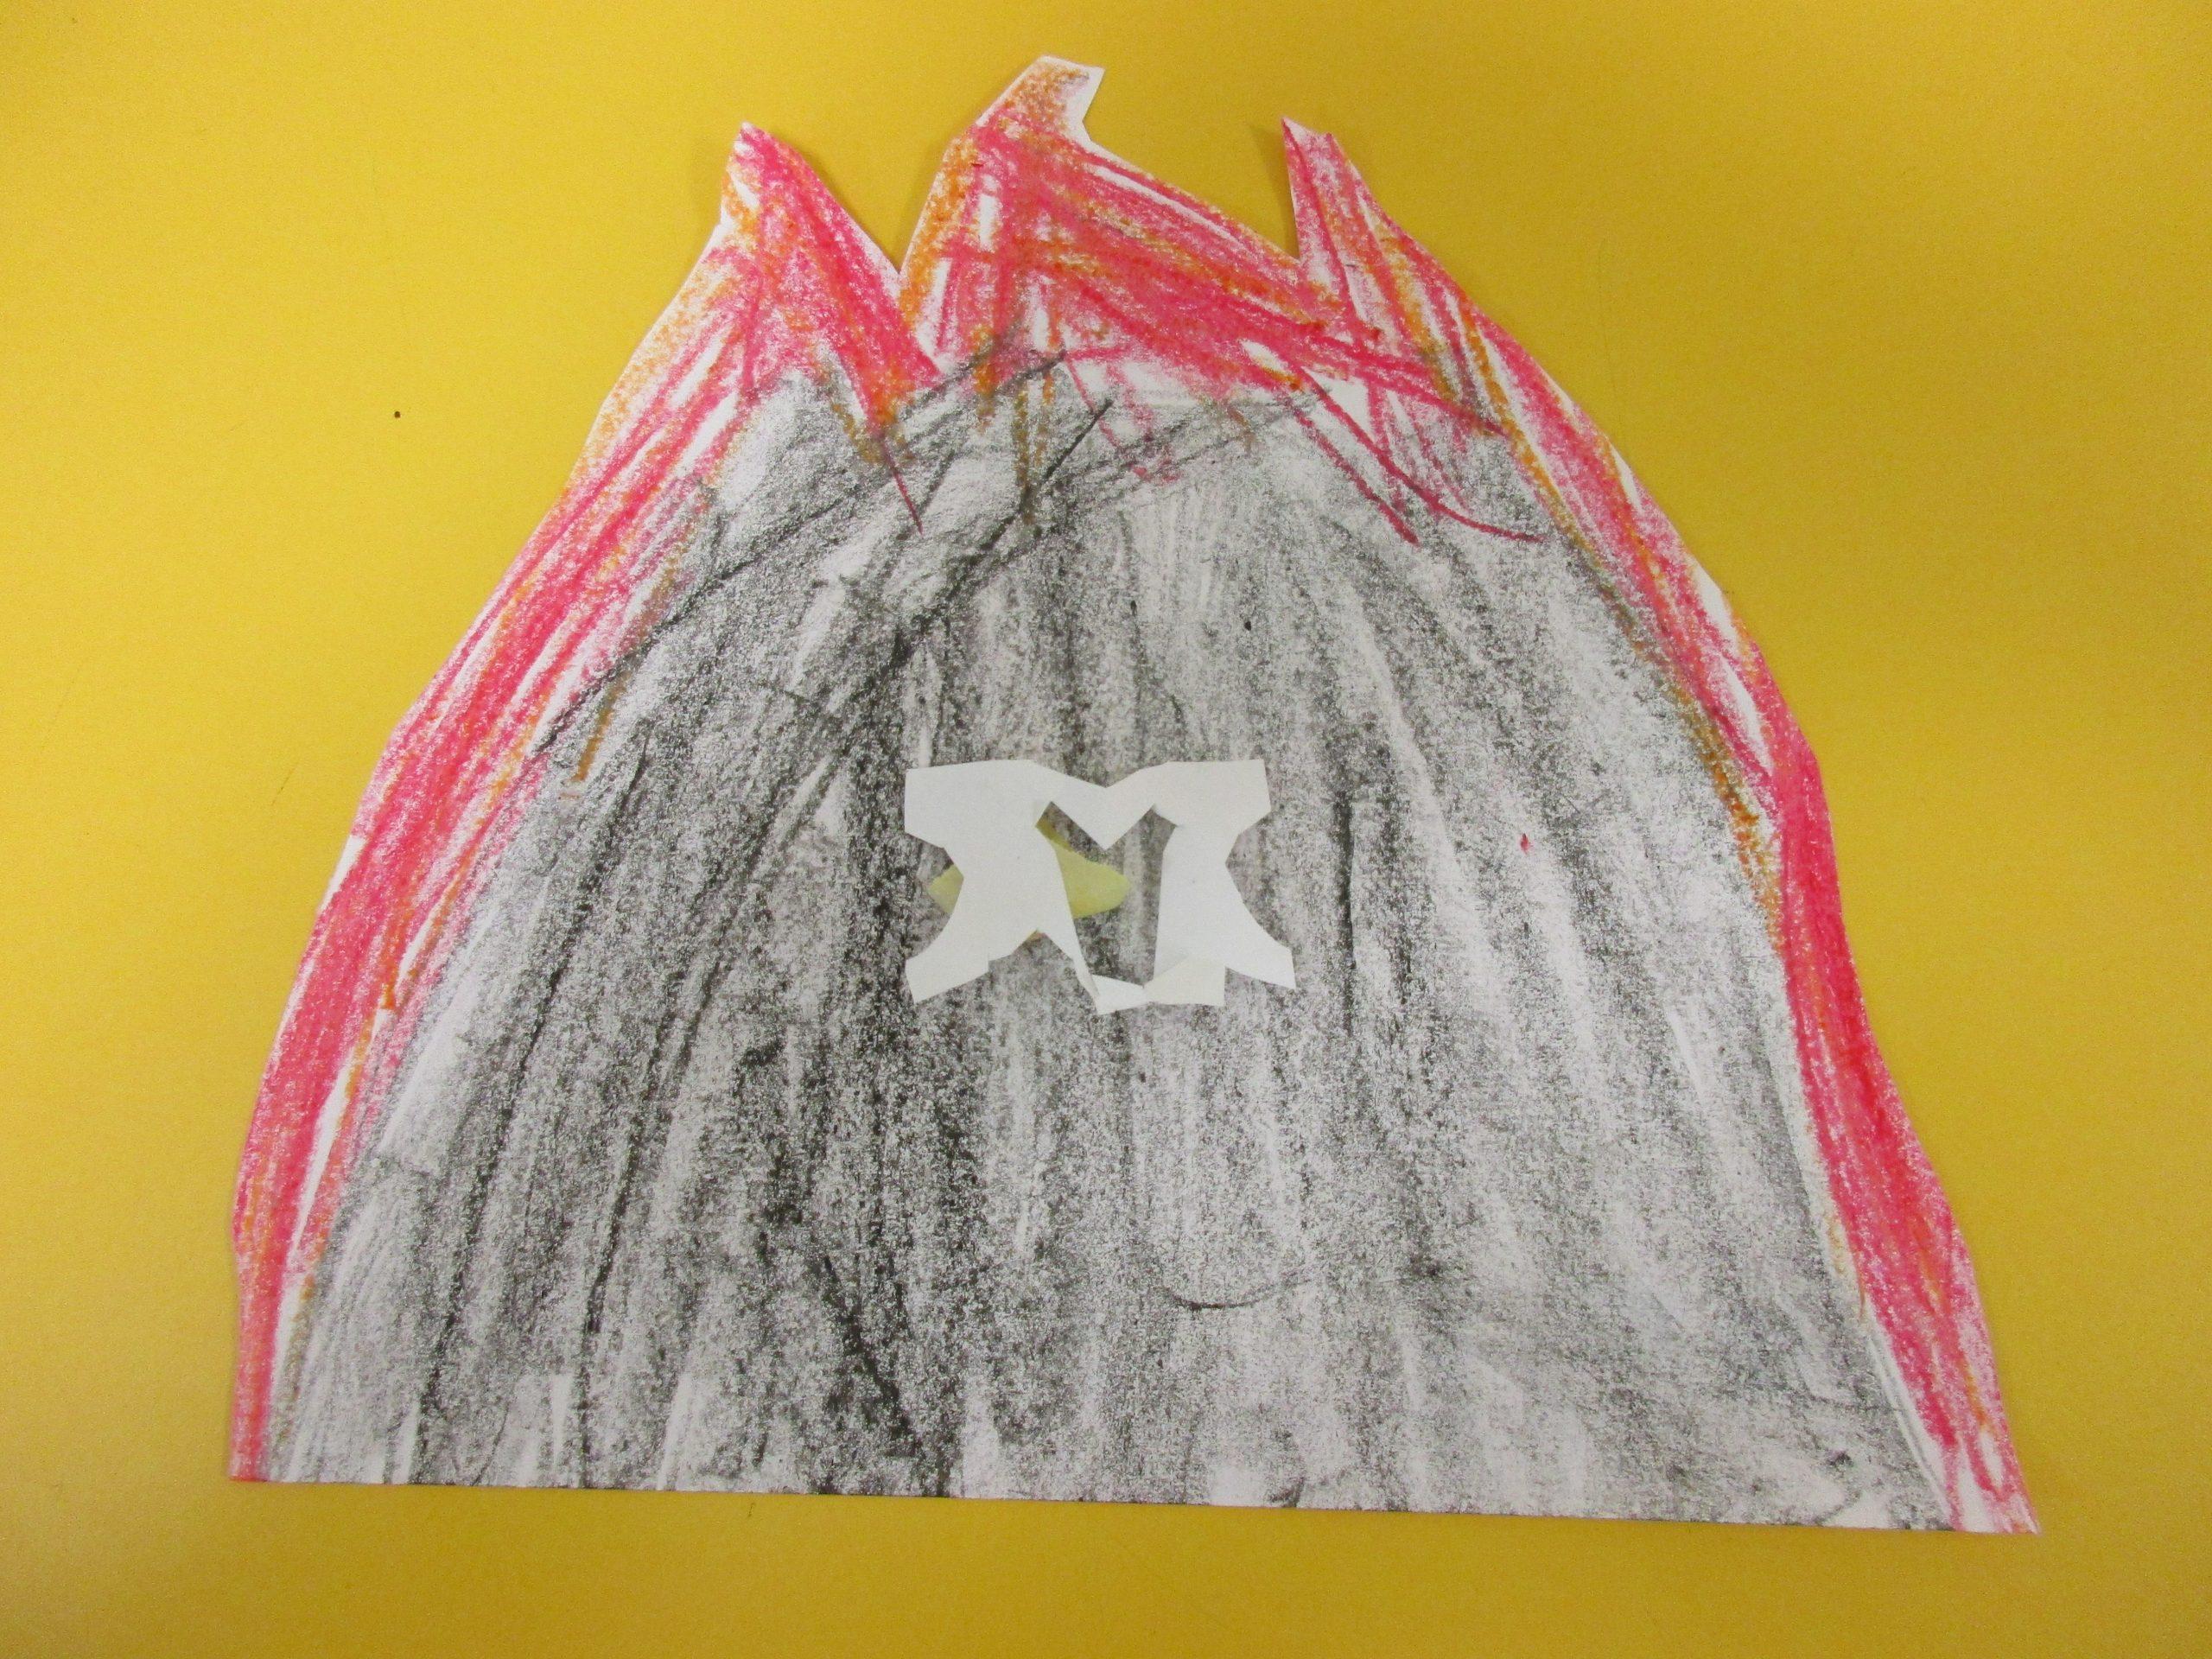 Ergebnis nach der Malstunde im Kindergarten